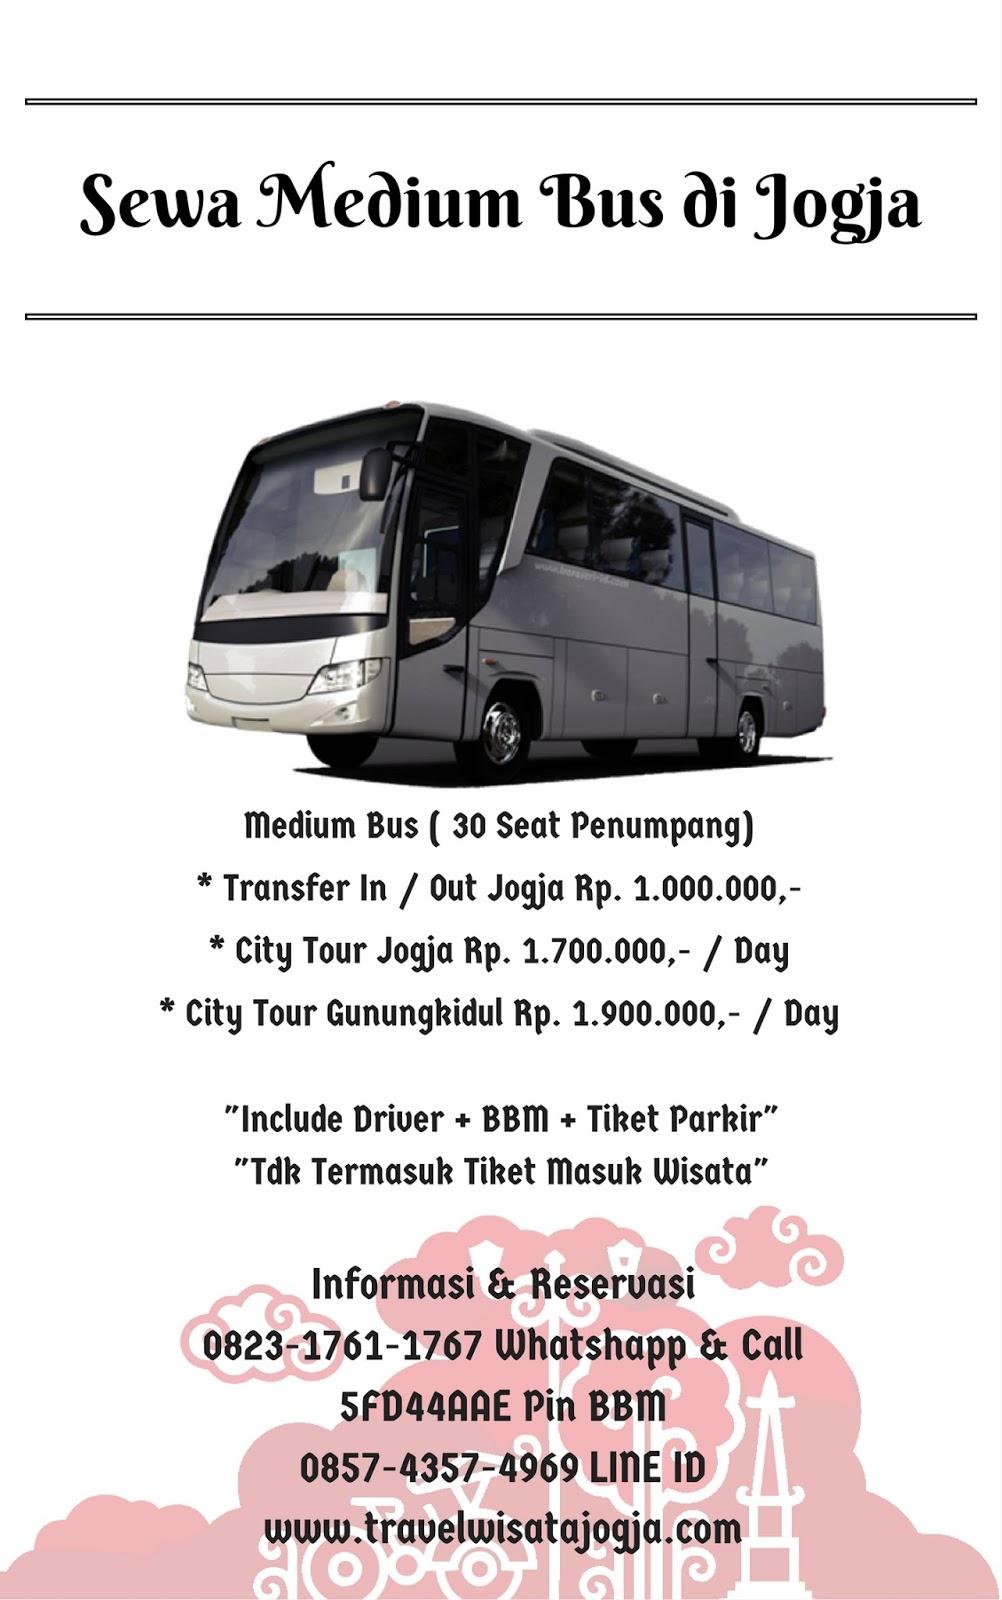 Sewa Medium Bus 30 Seat di Yogyakarta